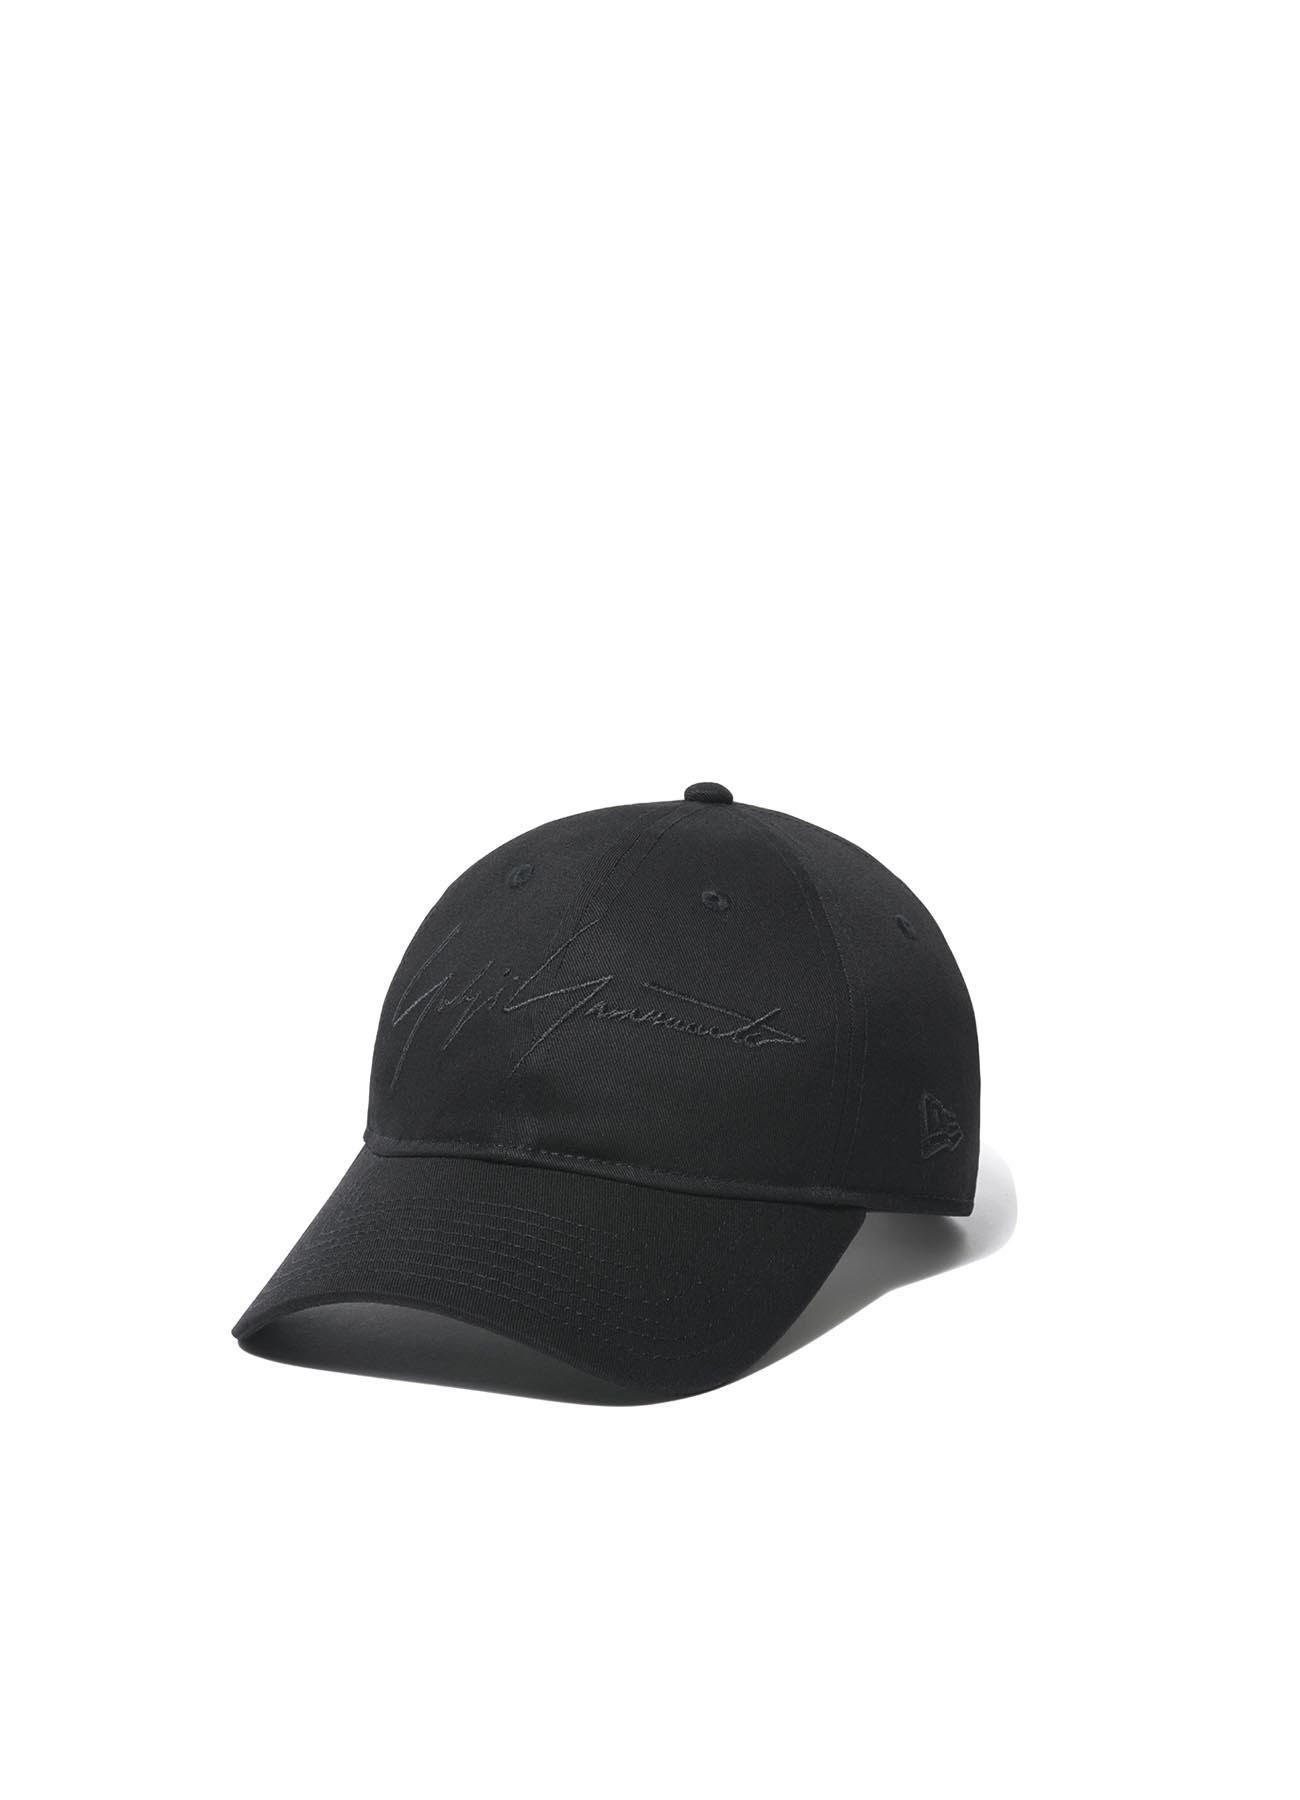 Yohji Yamamoto × New Era 9THIRTY Black Cotton Black Logo